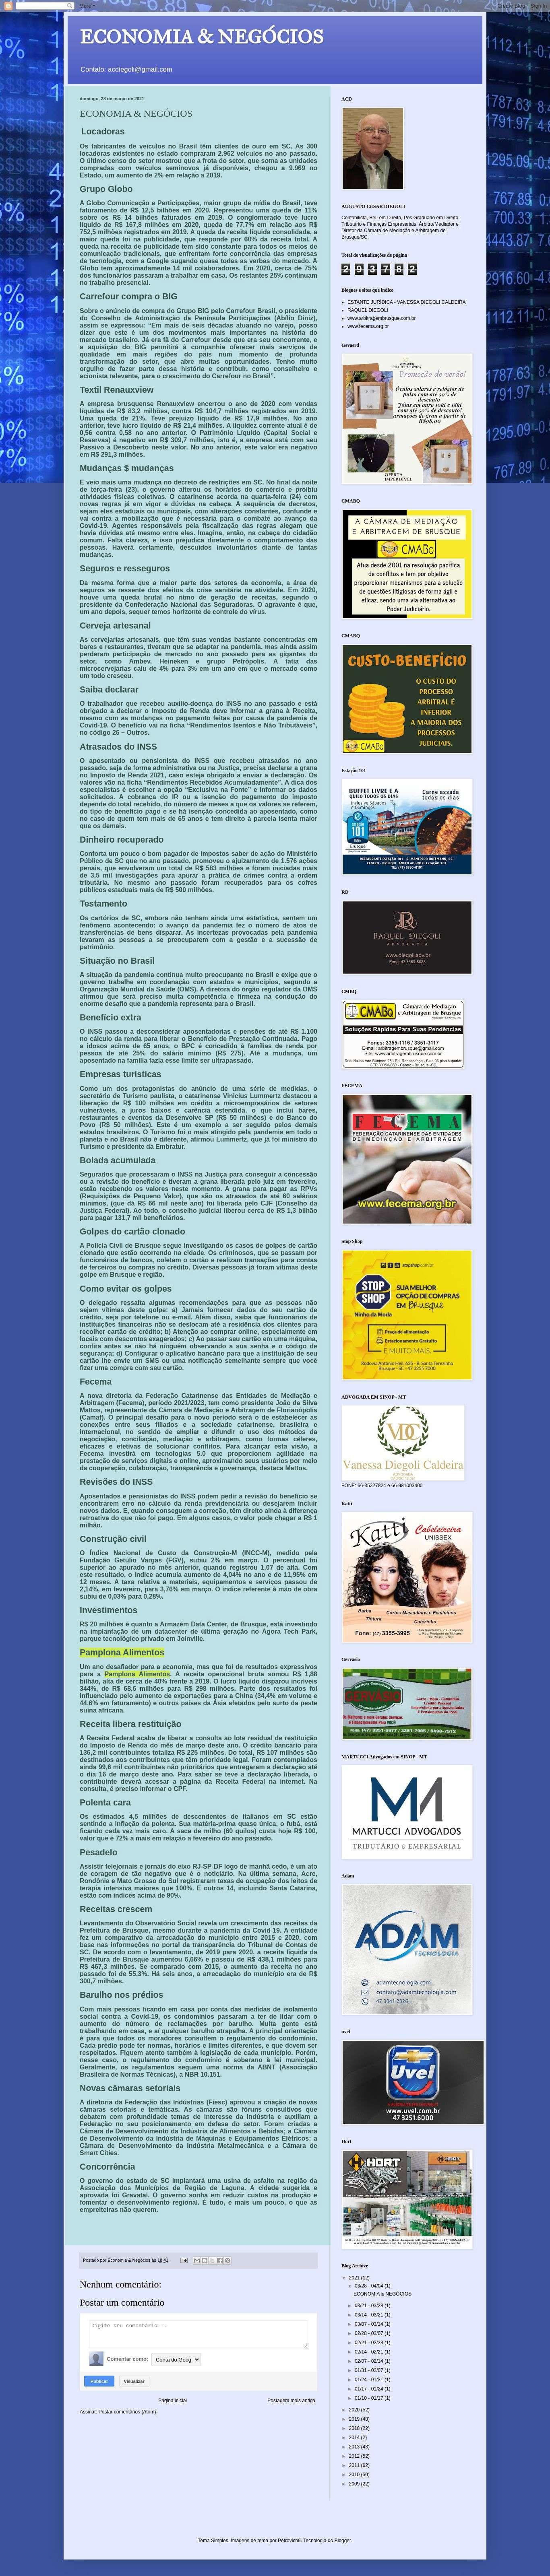 Pamplona Alimentos-Economia e Negócios